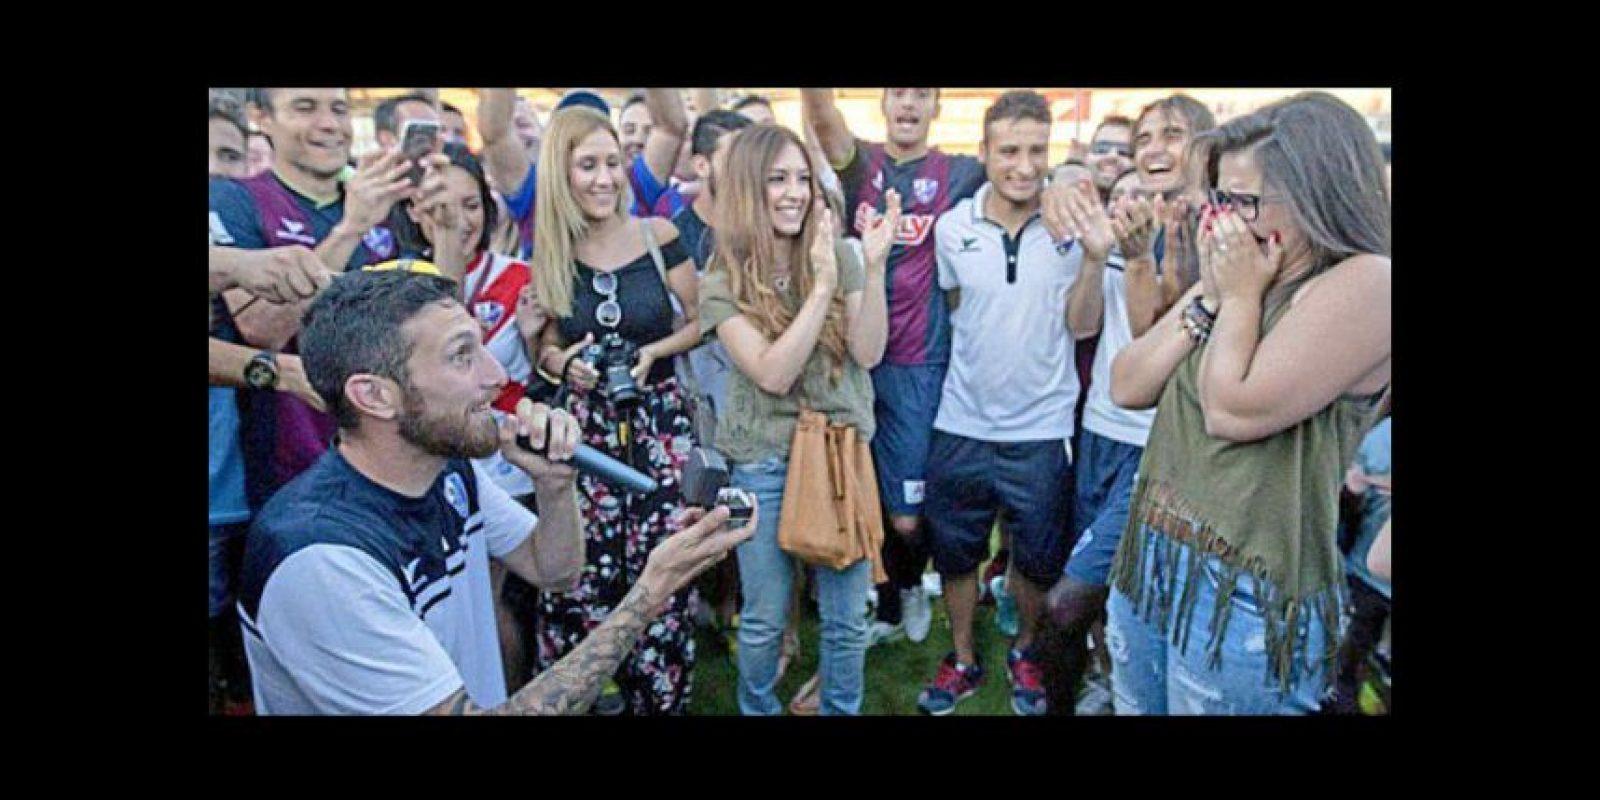 José Manuel Rojas, jugador del SD Huesca, celebró a su manera el ascenso de su equipo a la Liga Adelante (Segunda división de España) Foto:Vía witter.com/elena_261212